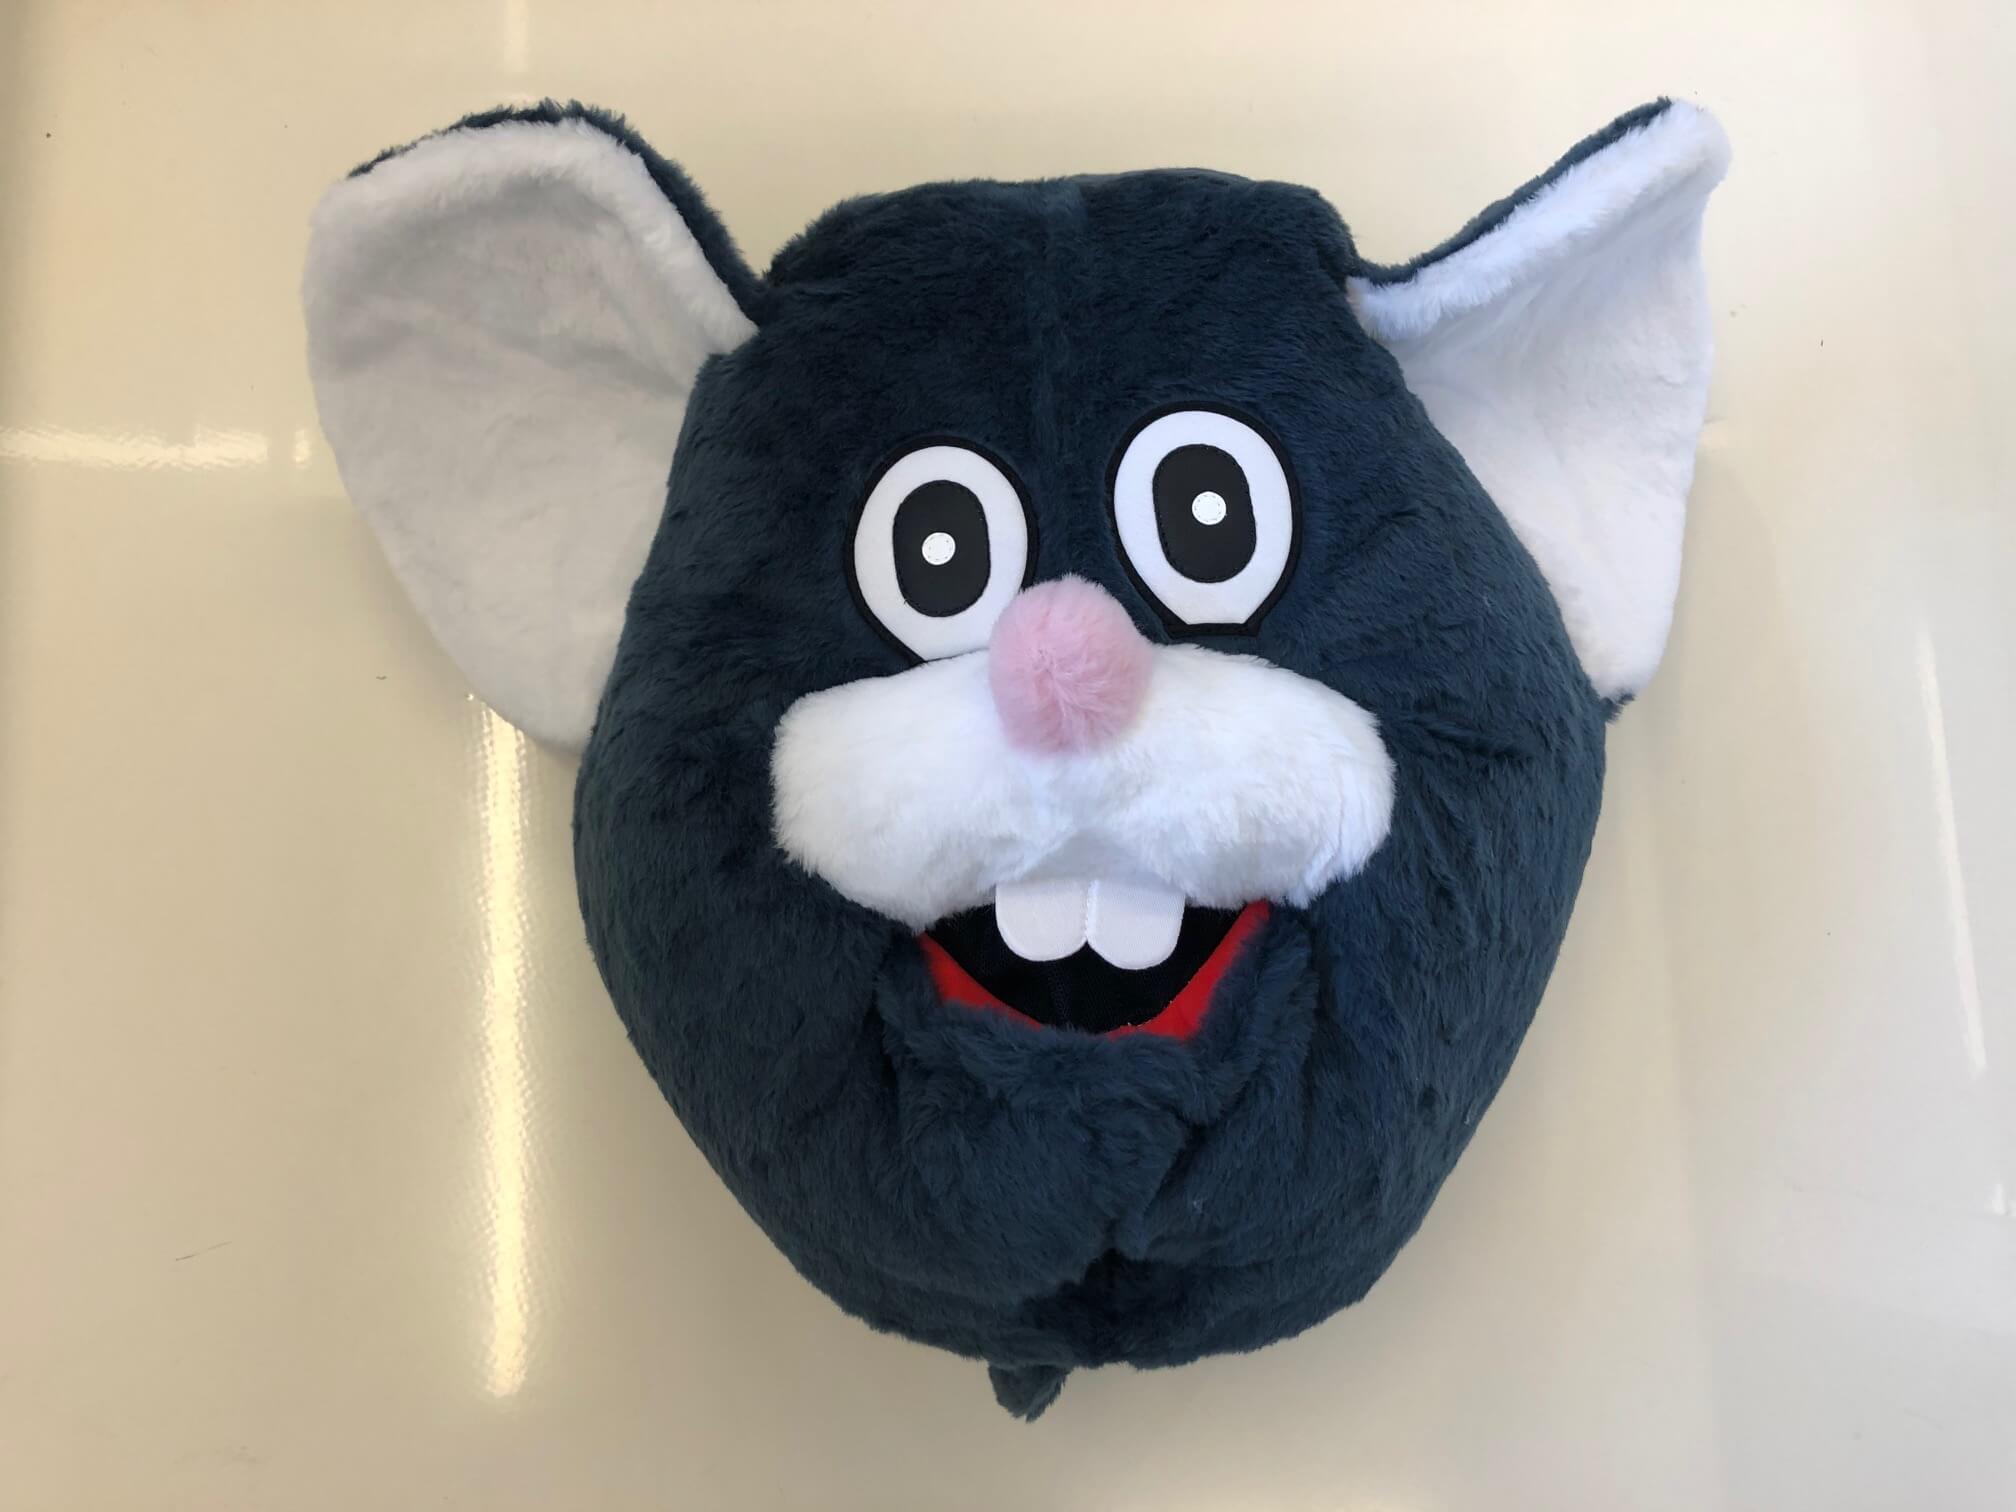 Maus-1p-Kostum-Lauffigur